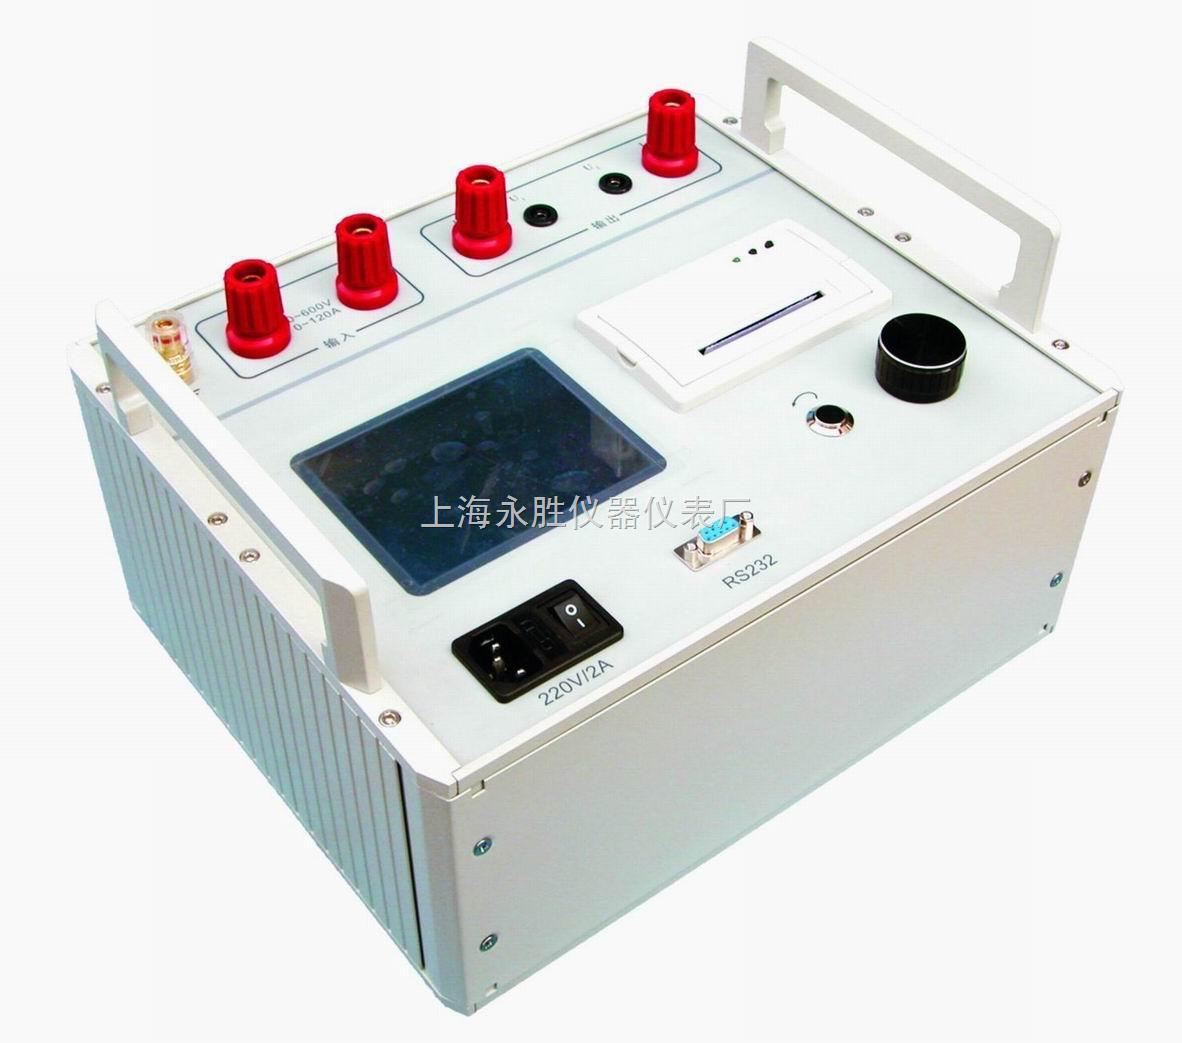 发电机转子交流电阻抗测试仪图片